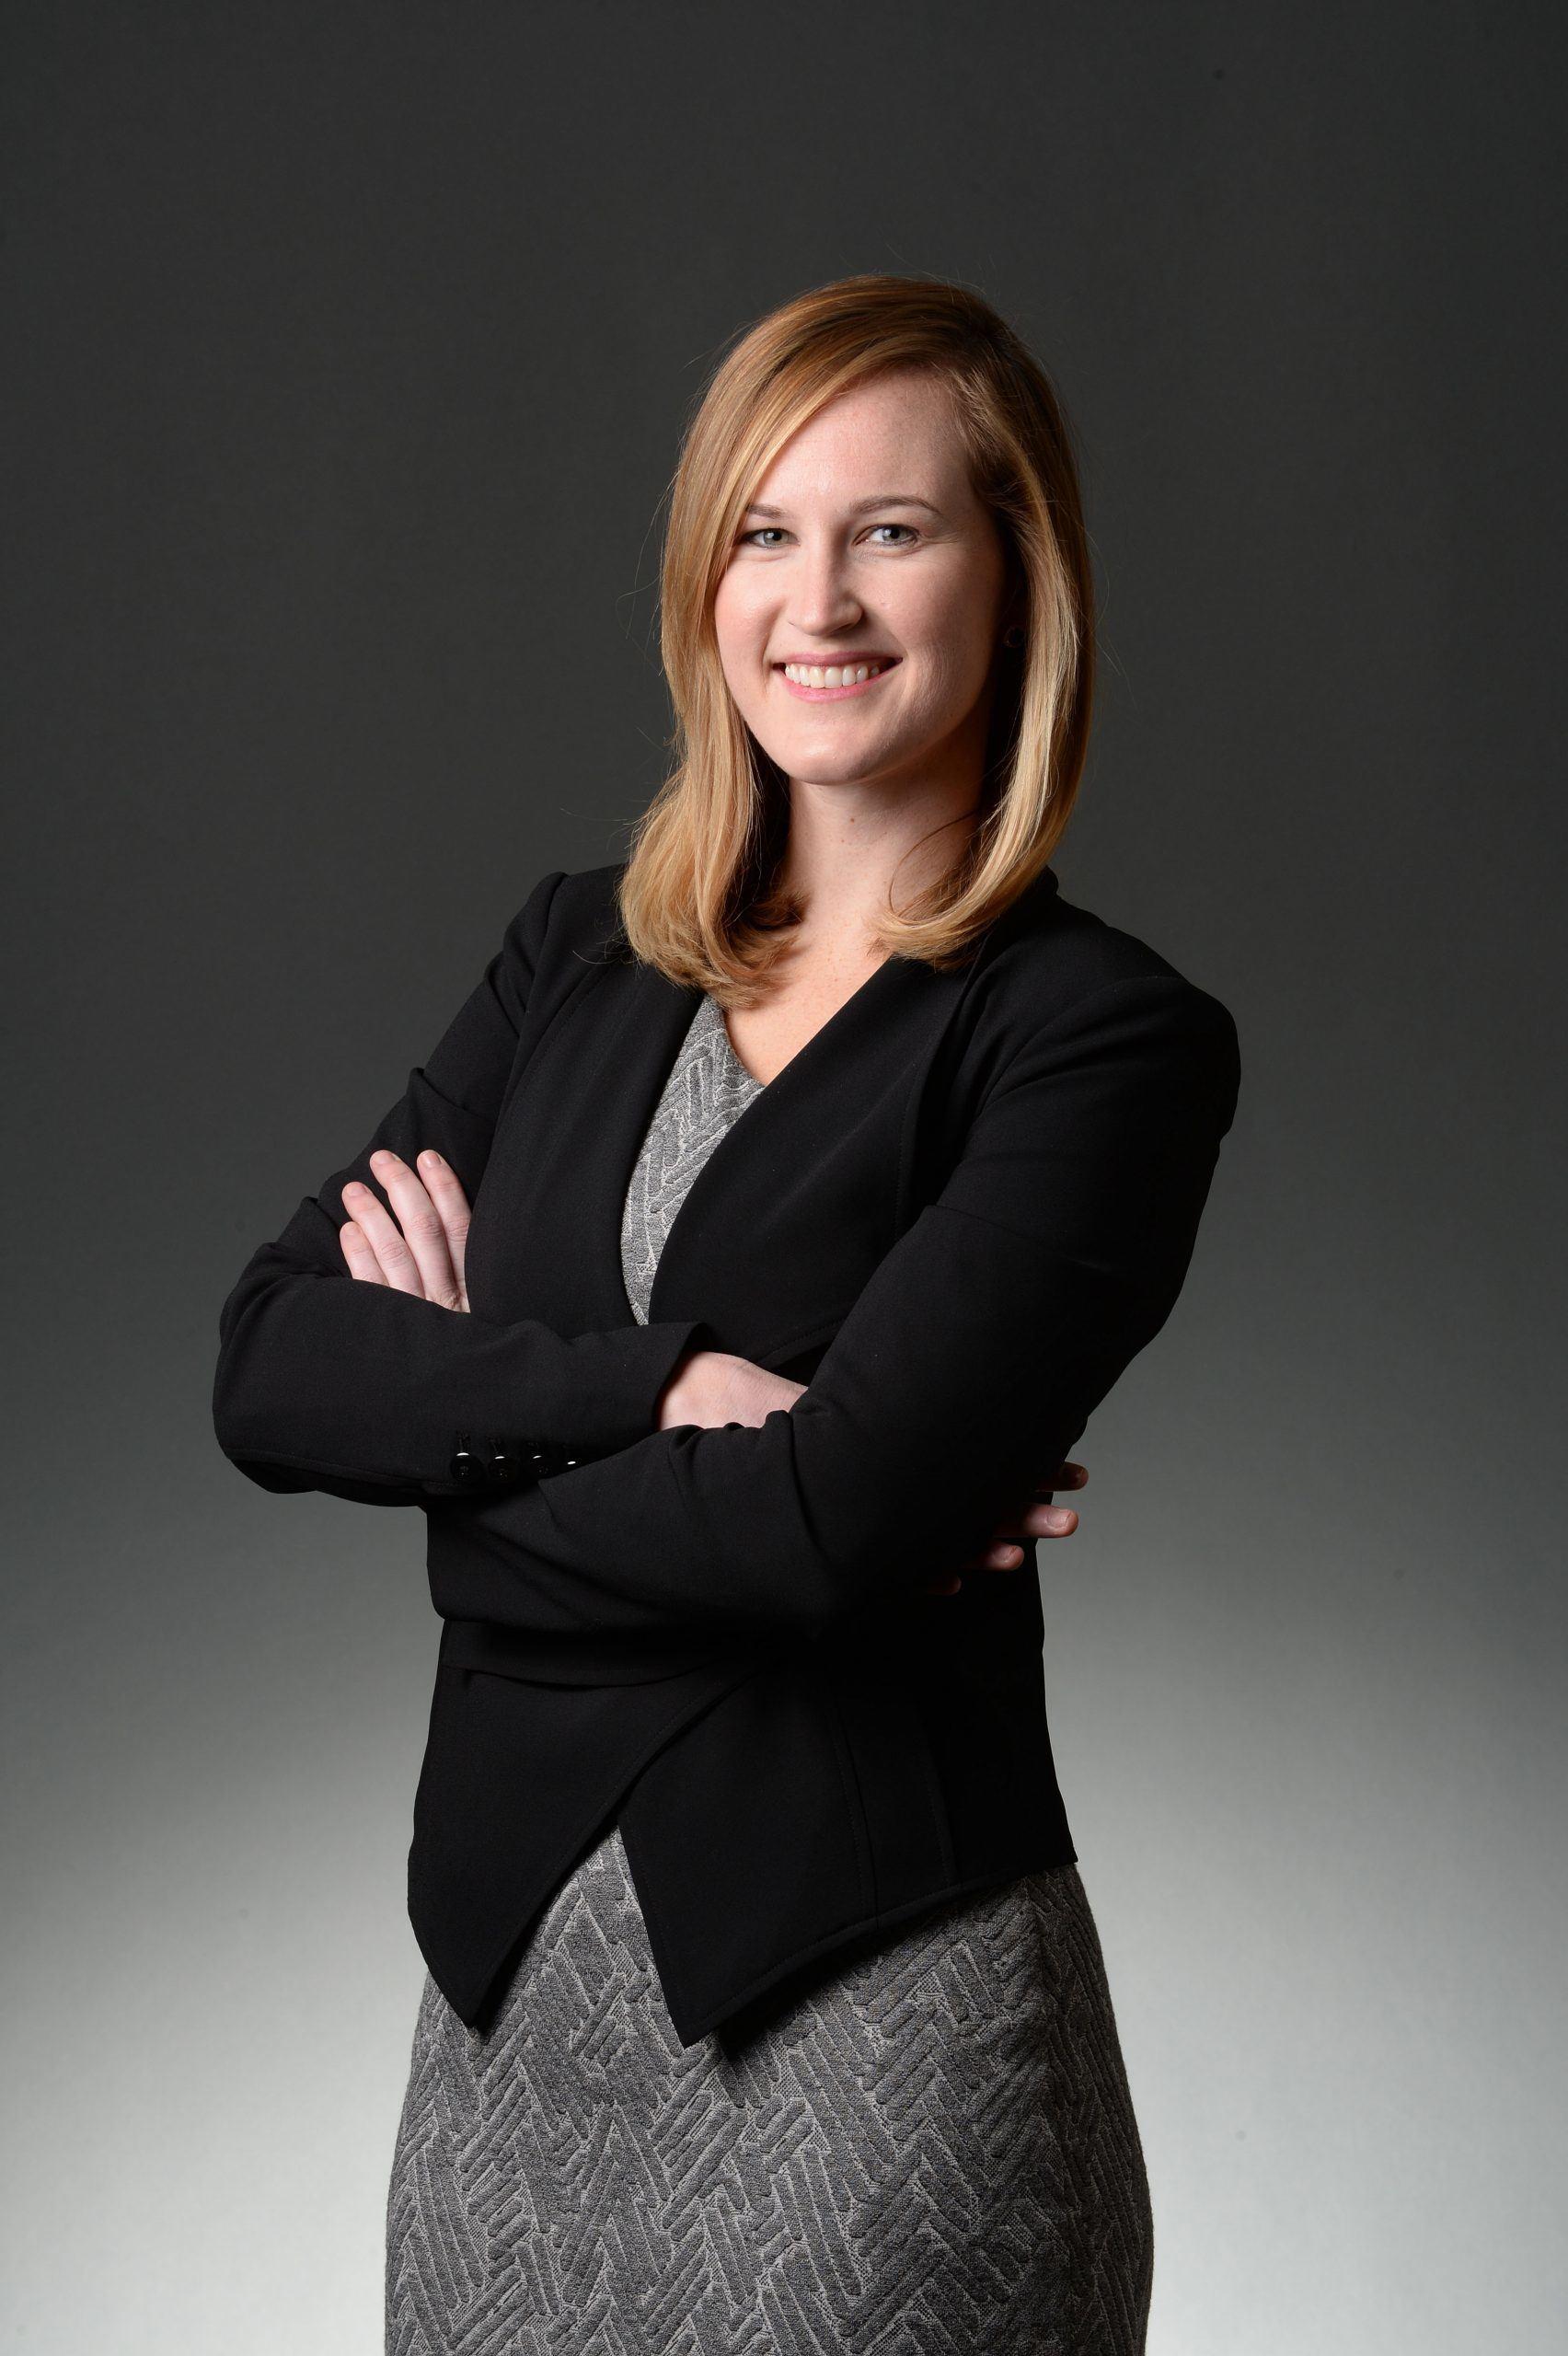 Jessica Fishfeld